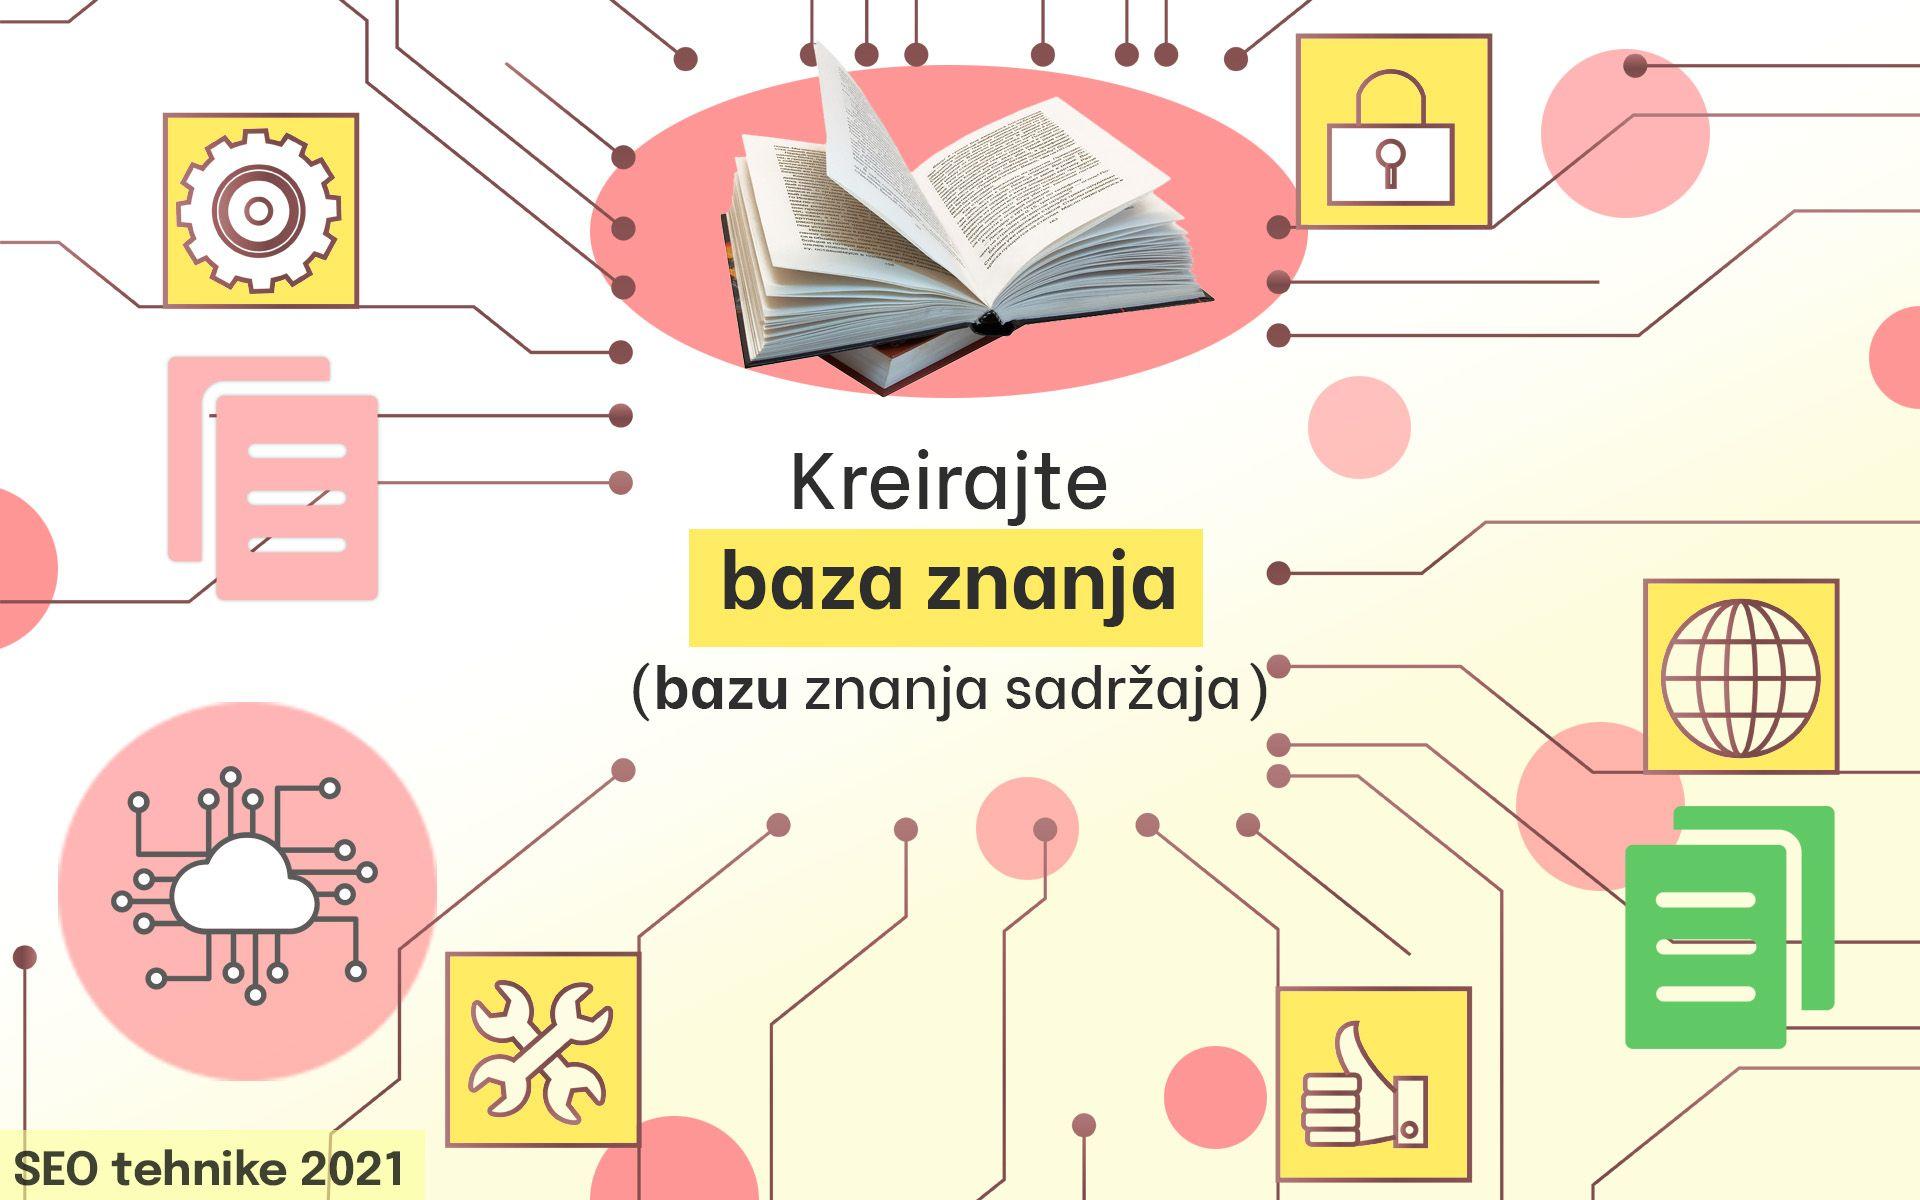 SEO tehnike 2021 kreirajte bazu znanja